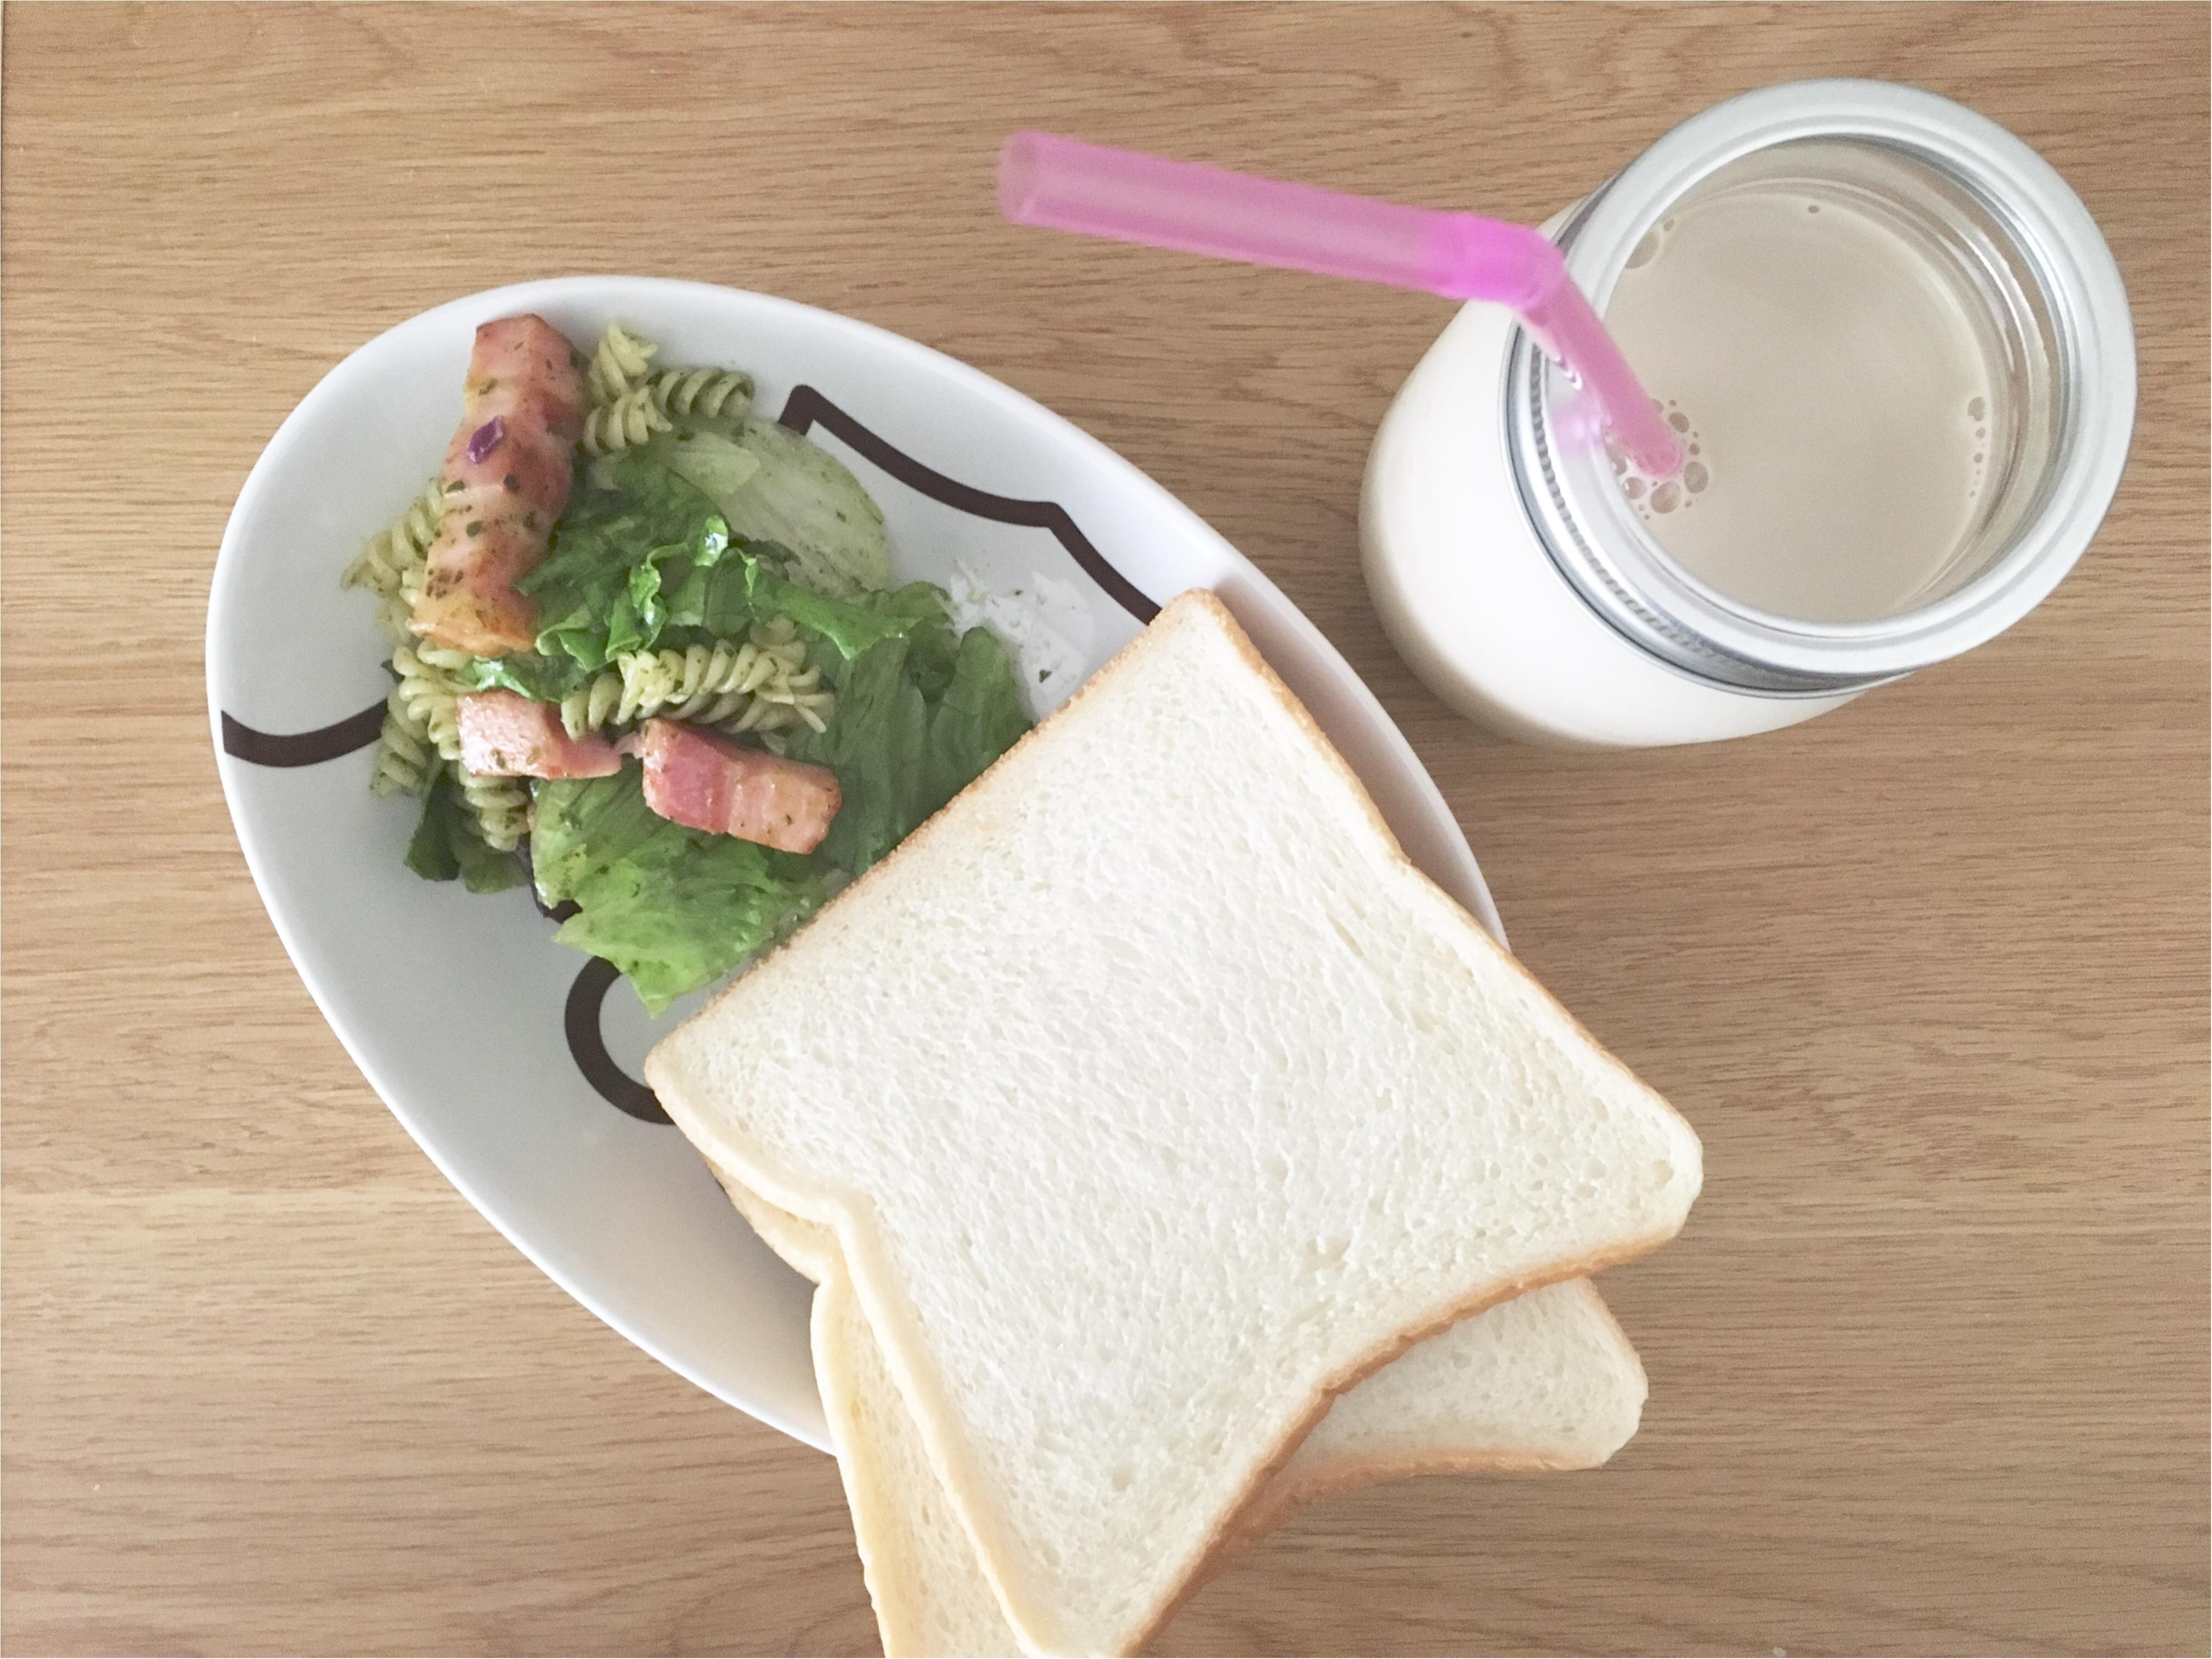 忙しい朝にもオススメ!『Blendy(ブレンディ)ポーションコーヒー』で簡単おうちカフェタイム♡_3